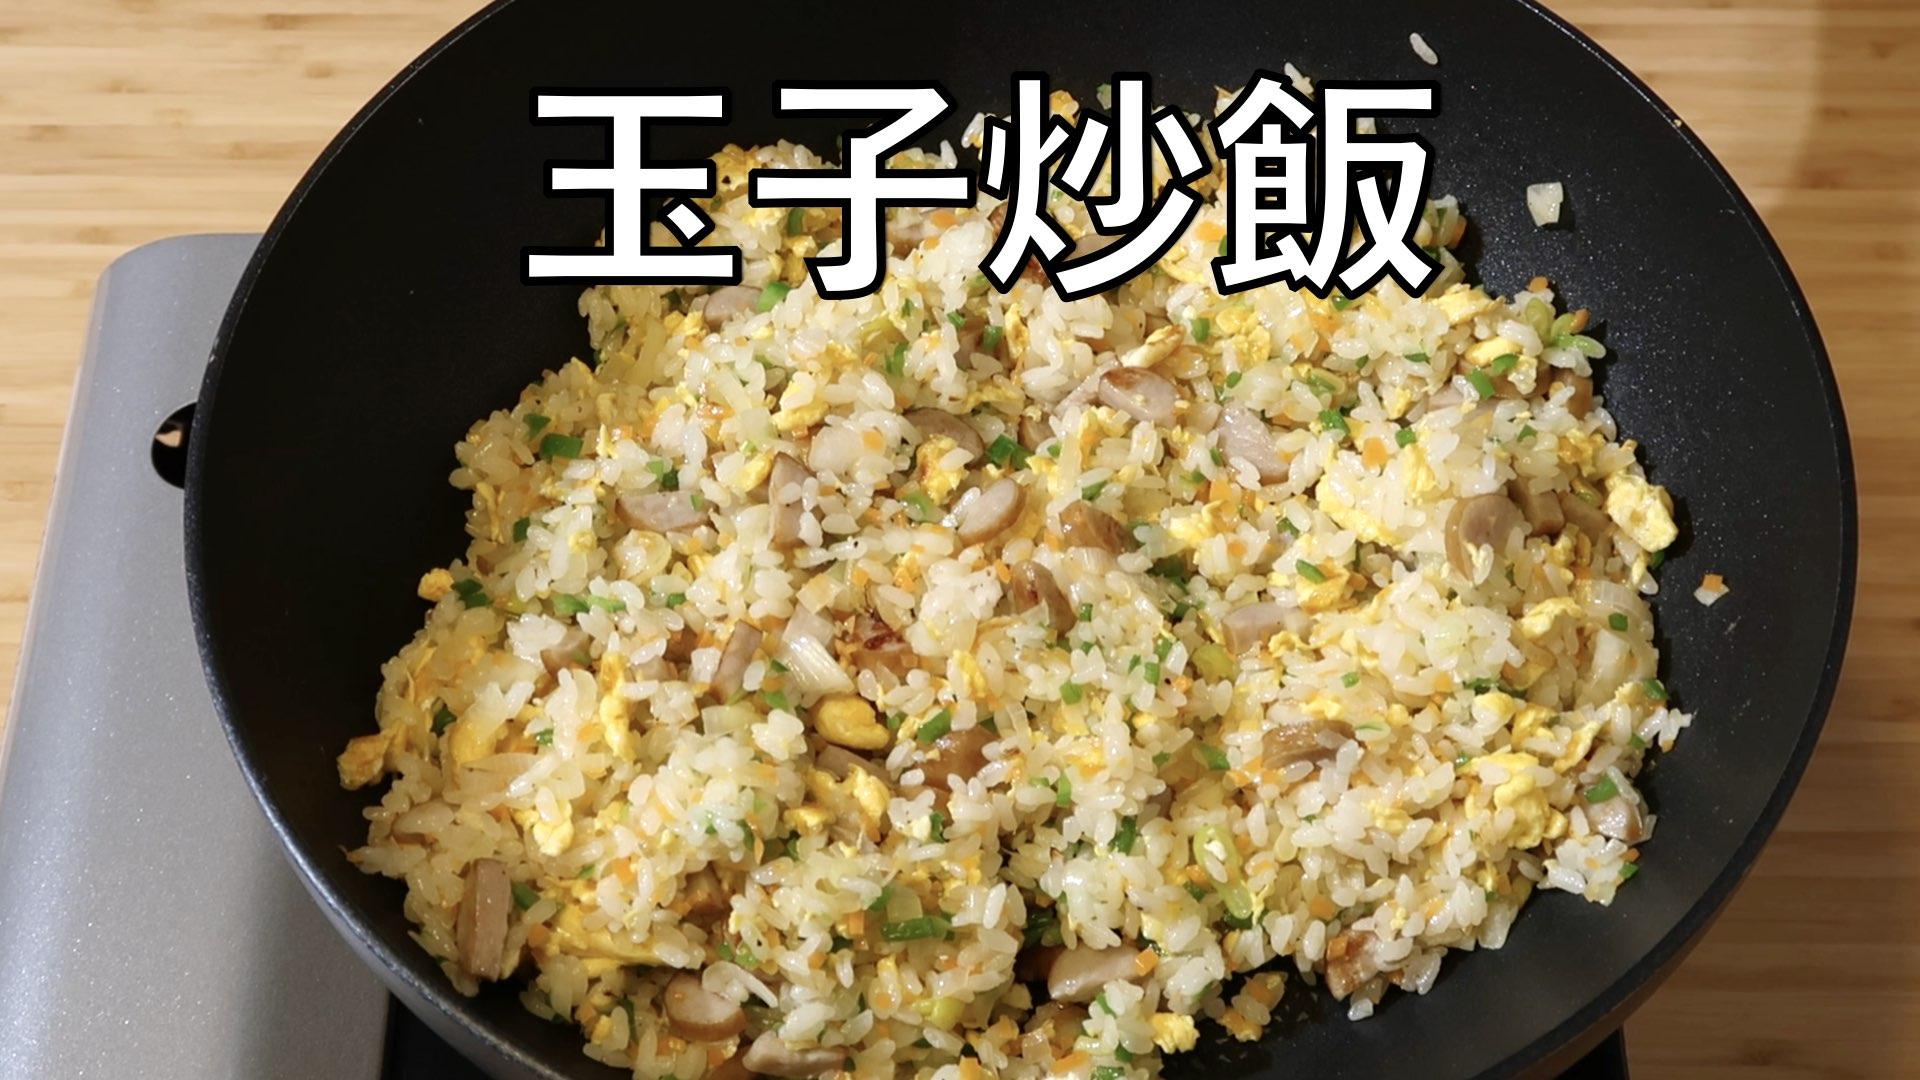 玉子炒飯 | Olive家の簡単レシピ | シンプルな材料で手軽に作れる炒飯 | ネギ油とオイスターソースがキーポイント✨